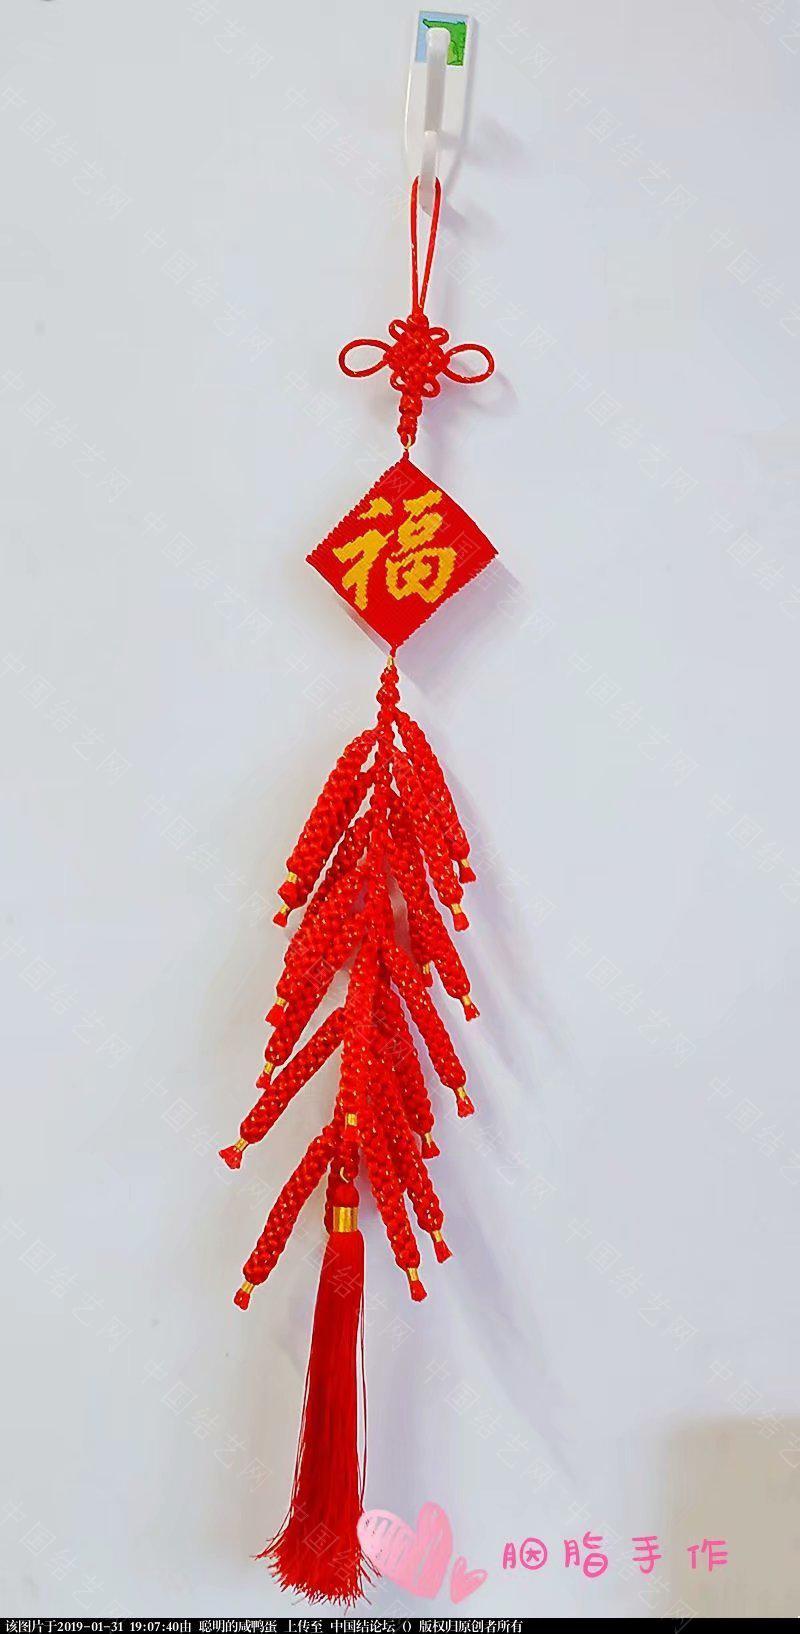 中国结论坛 红红火火小鞭炮 儿时小鞭炮,老式小鞭炮,自制小鞭炮,儿童小鞭炮,小鞭炮 作品展示 190704y94rx3yx6o488ro9